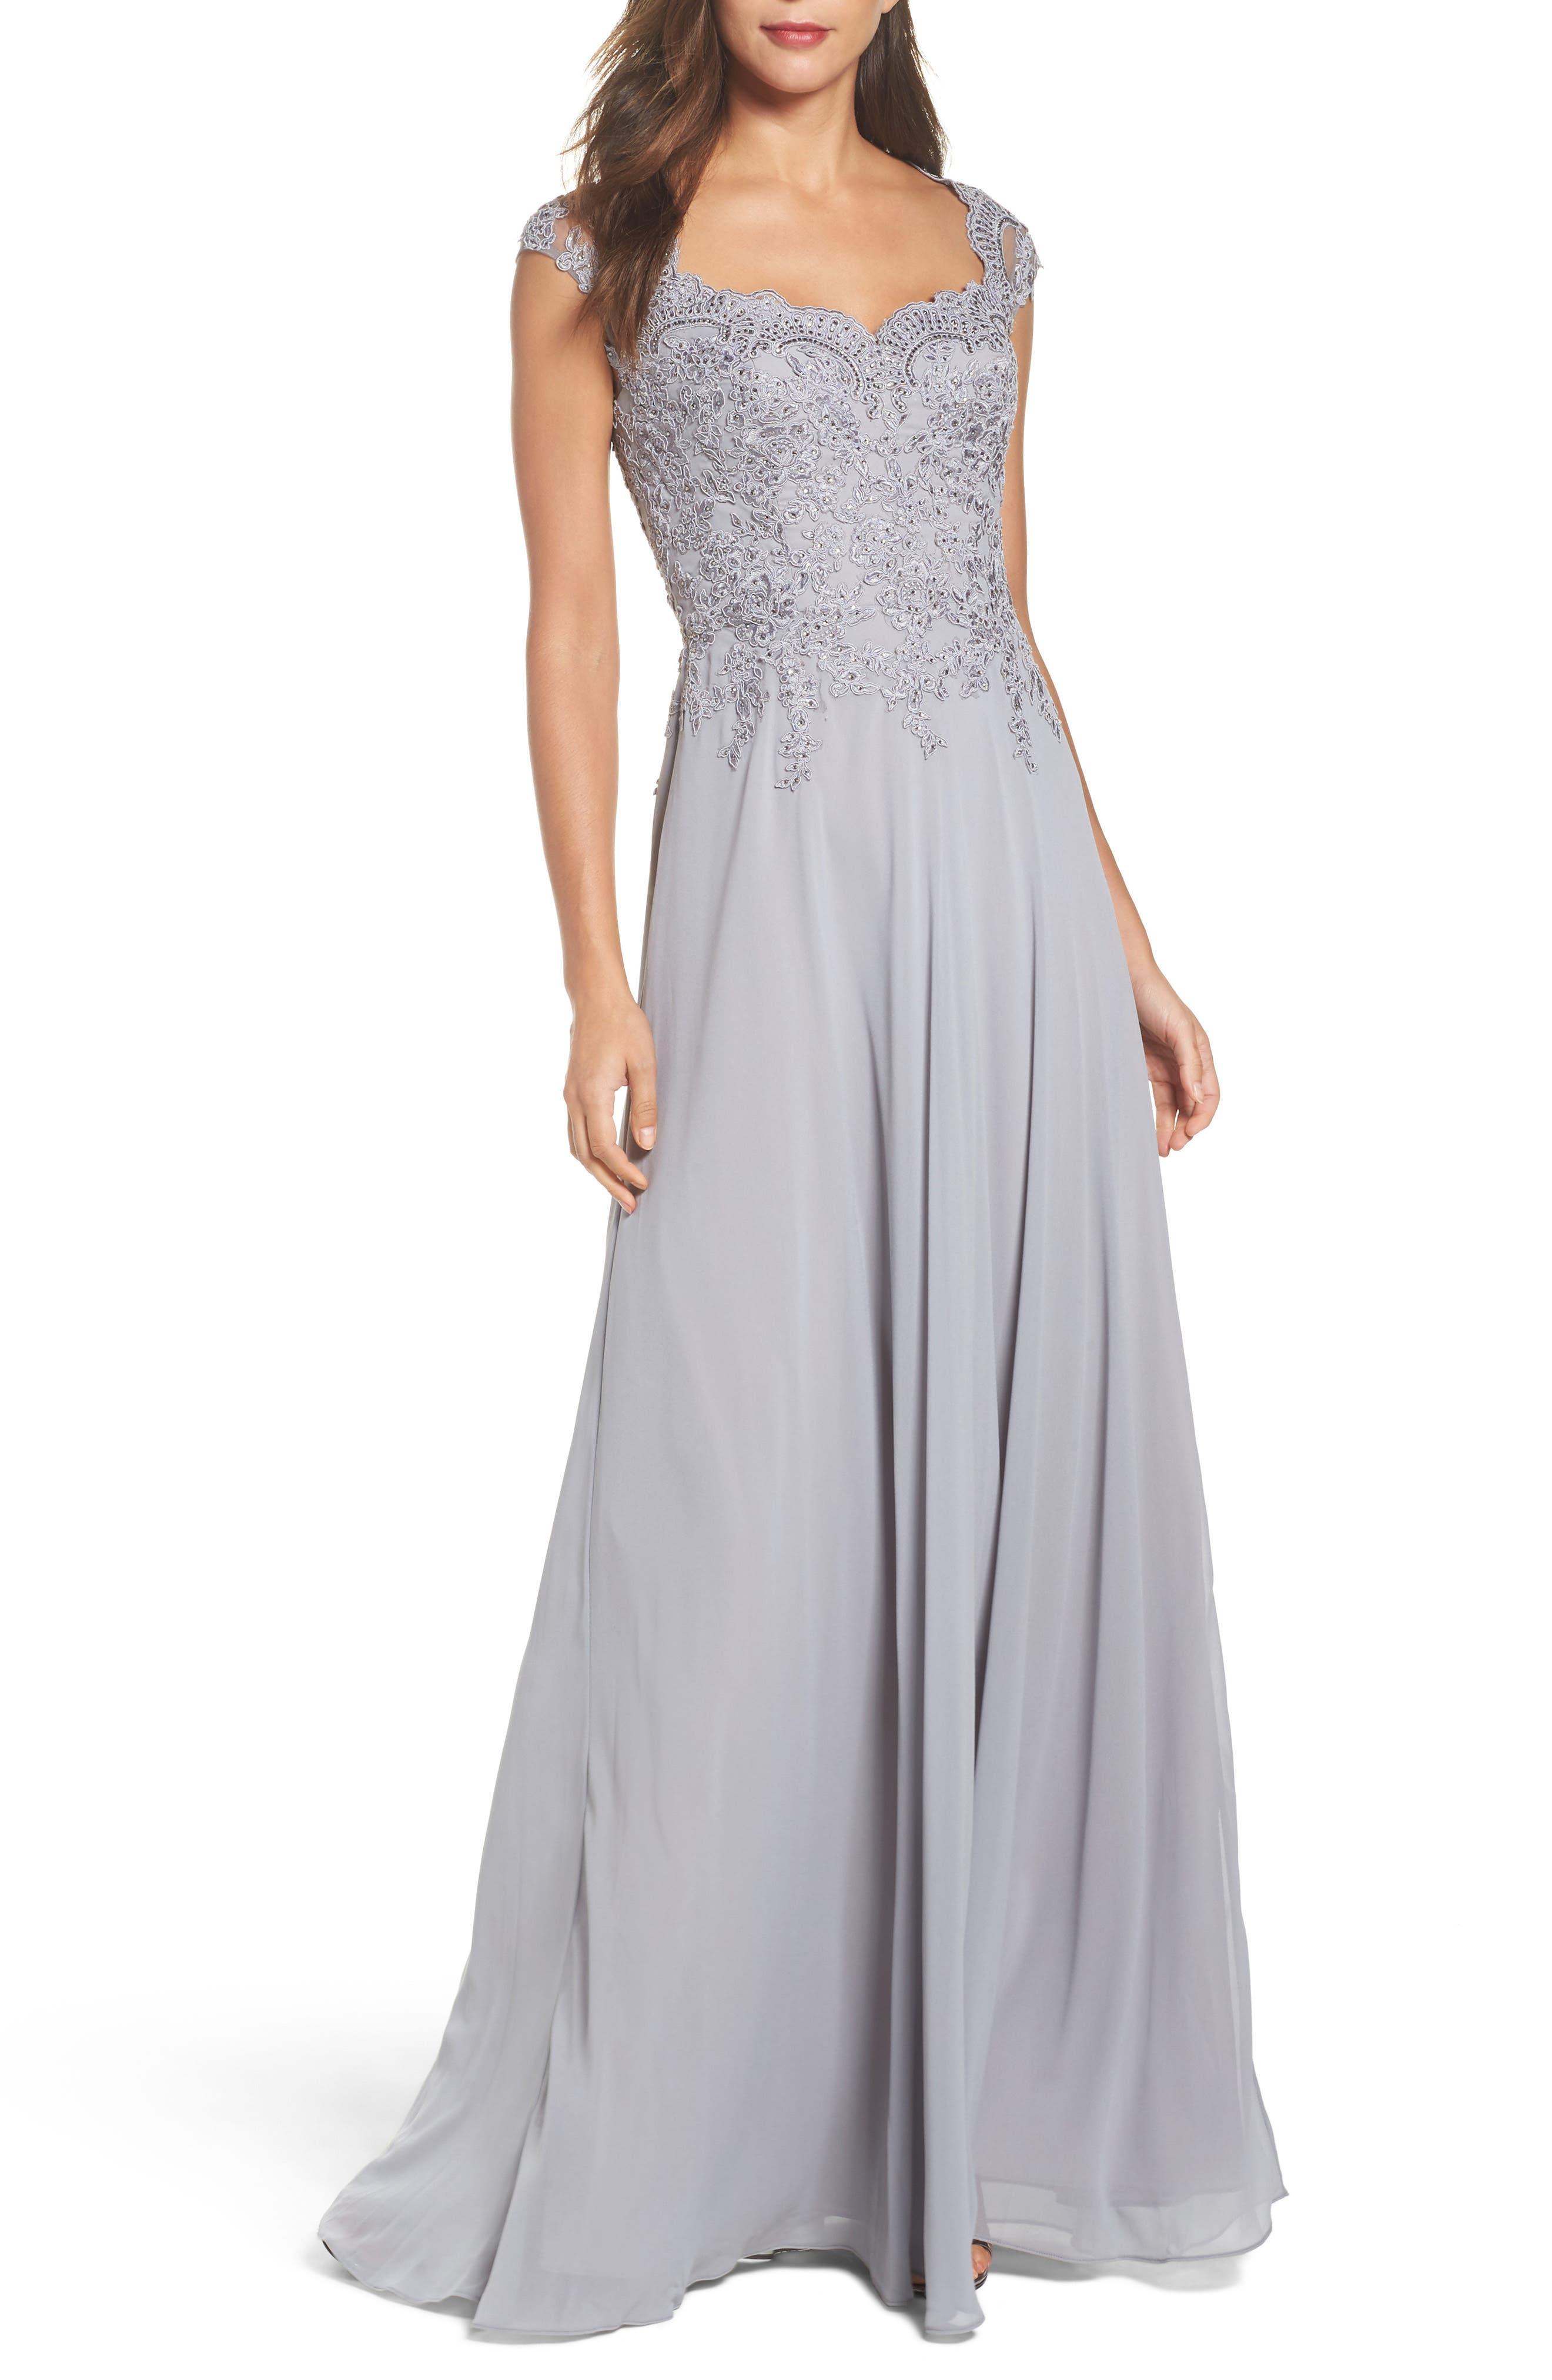 La Femme Embellished Cap Sleeve Gown